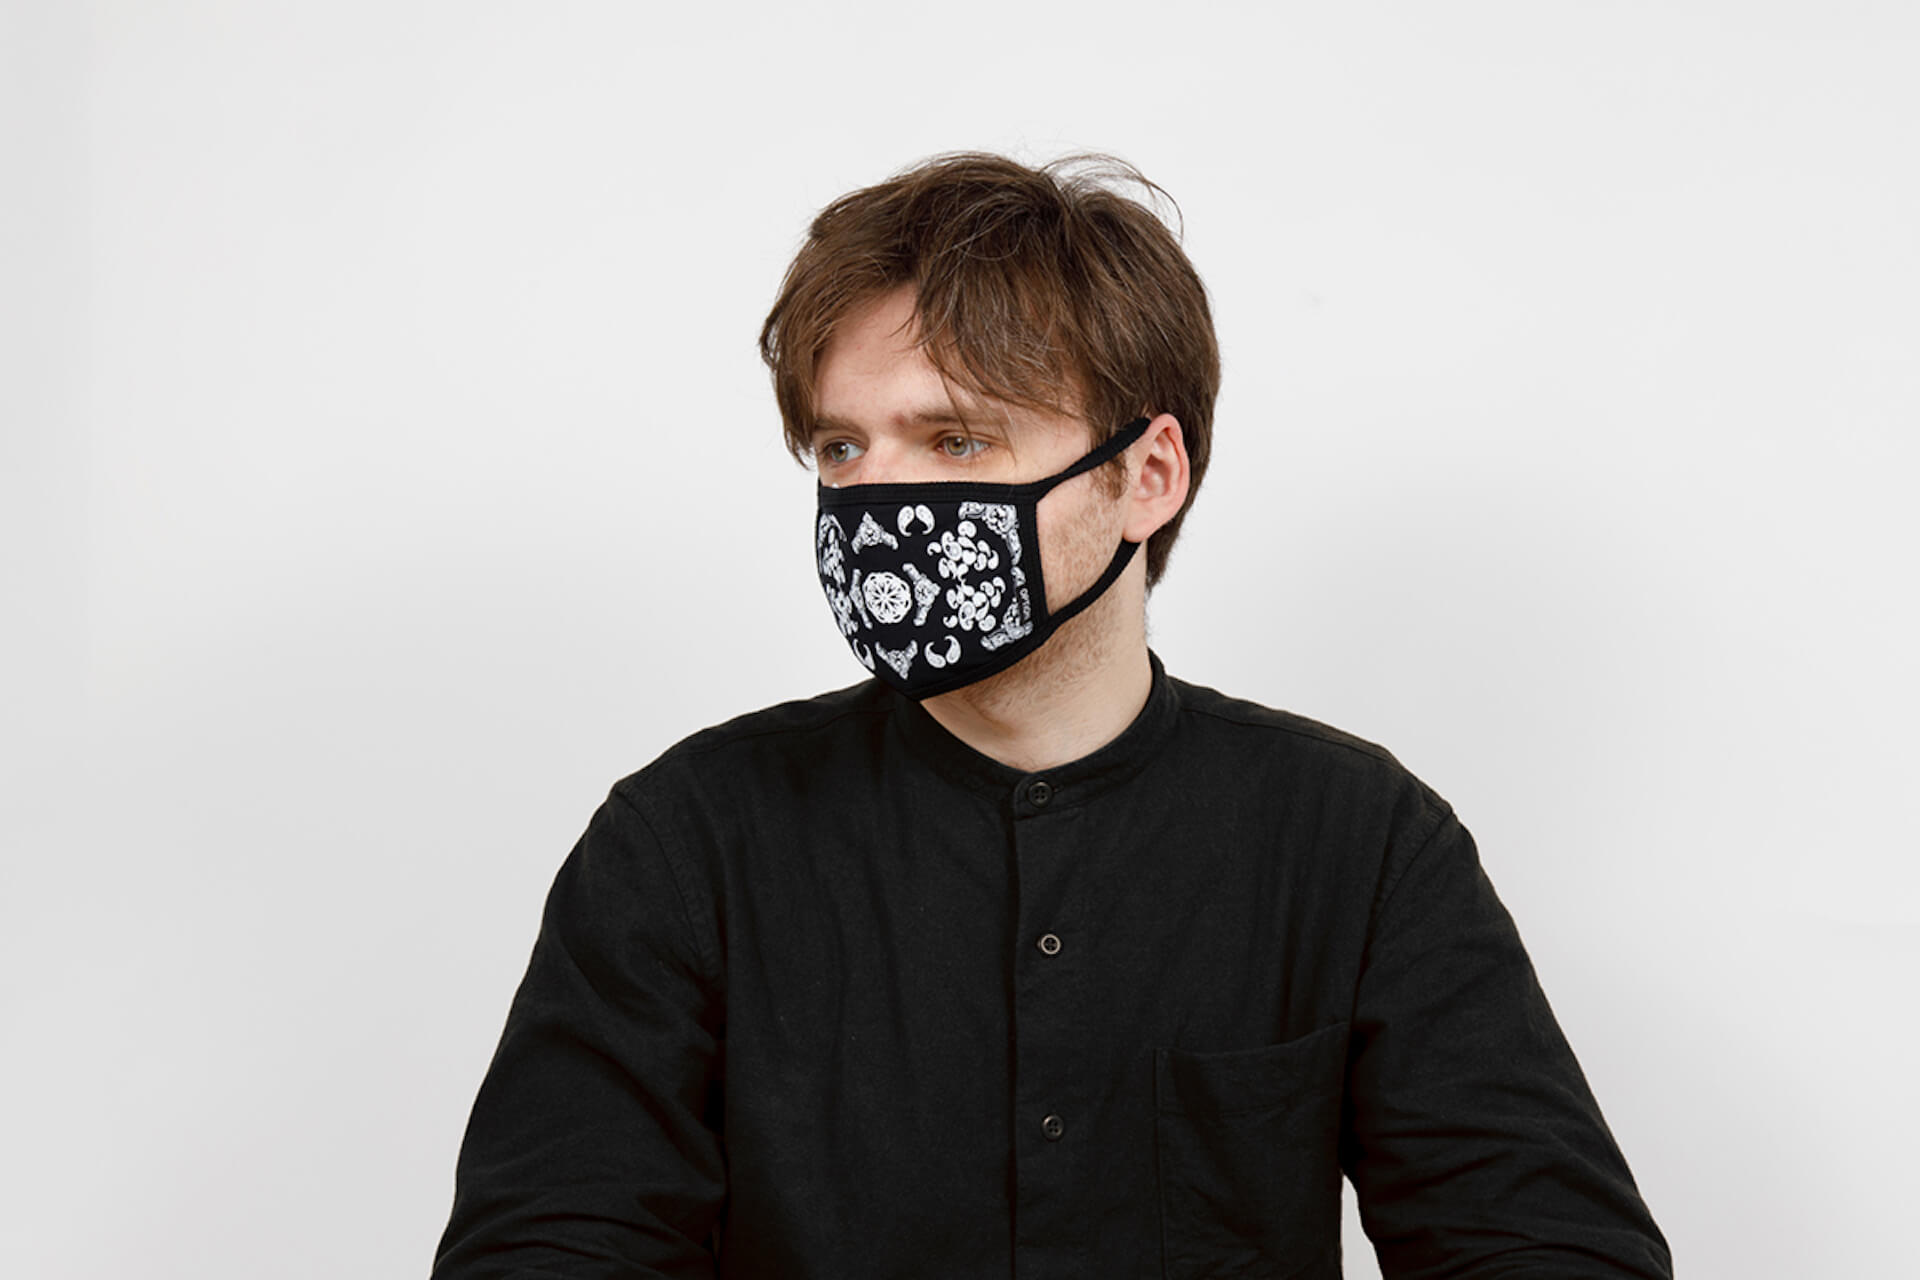 【人気アパレルブランドマスク16選】有名ブランドが続々リリースする今マストのアイテム!高機能×カッコいいマスク16選 life201224_jeep_mask_15-1